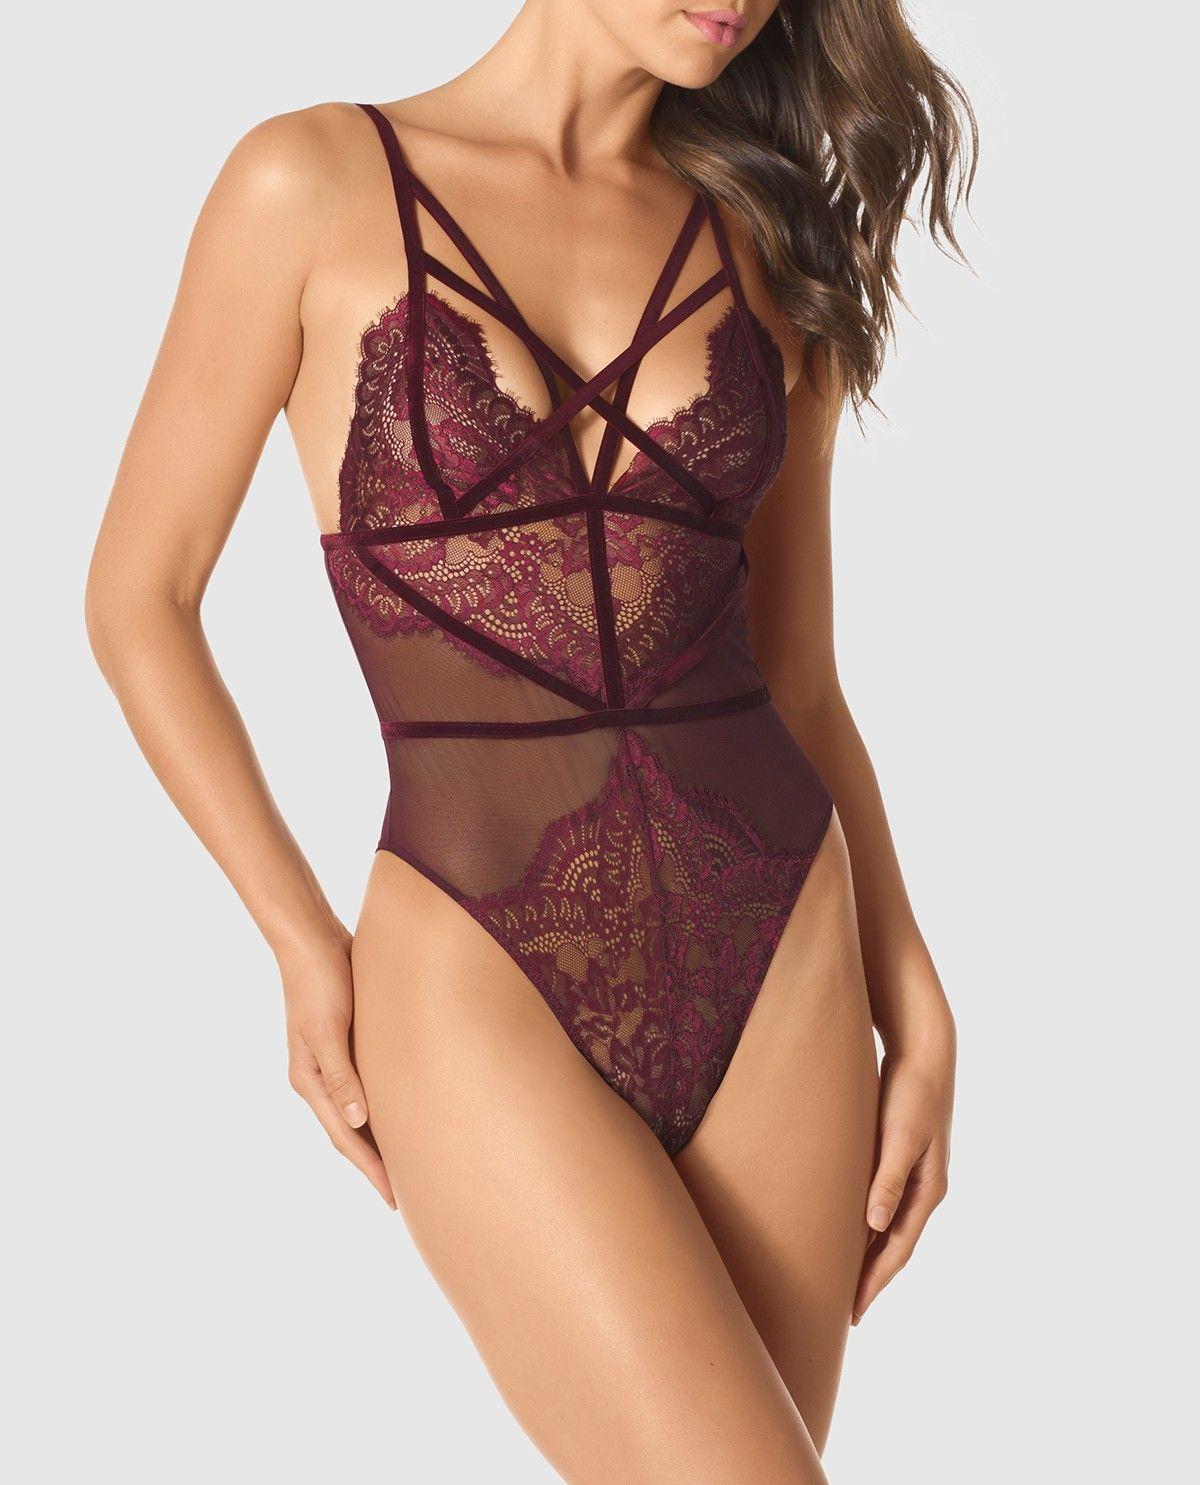 d37b9c724c Strappy Lace Bodysuit - New - La Senza Lingerie